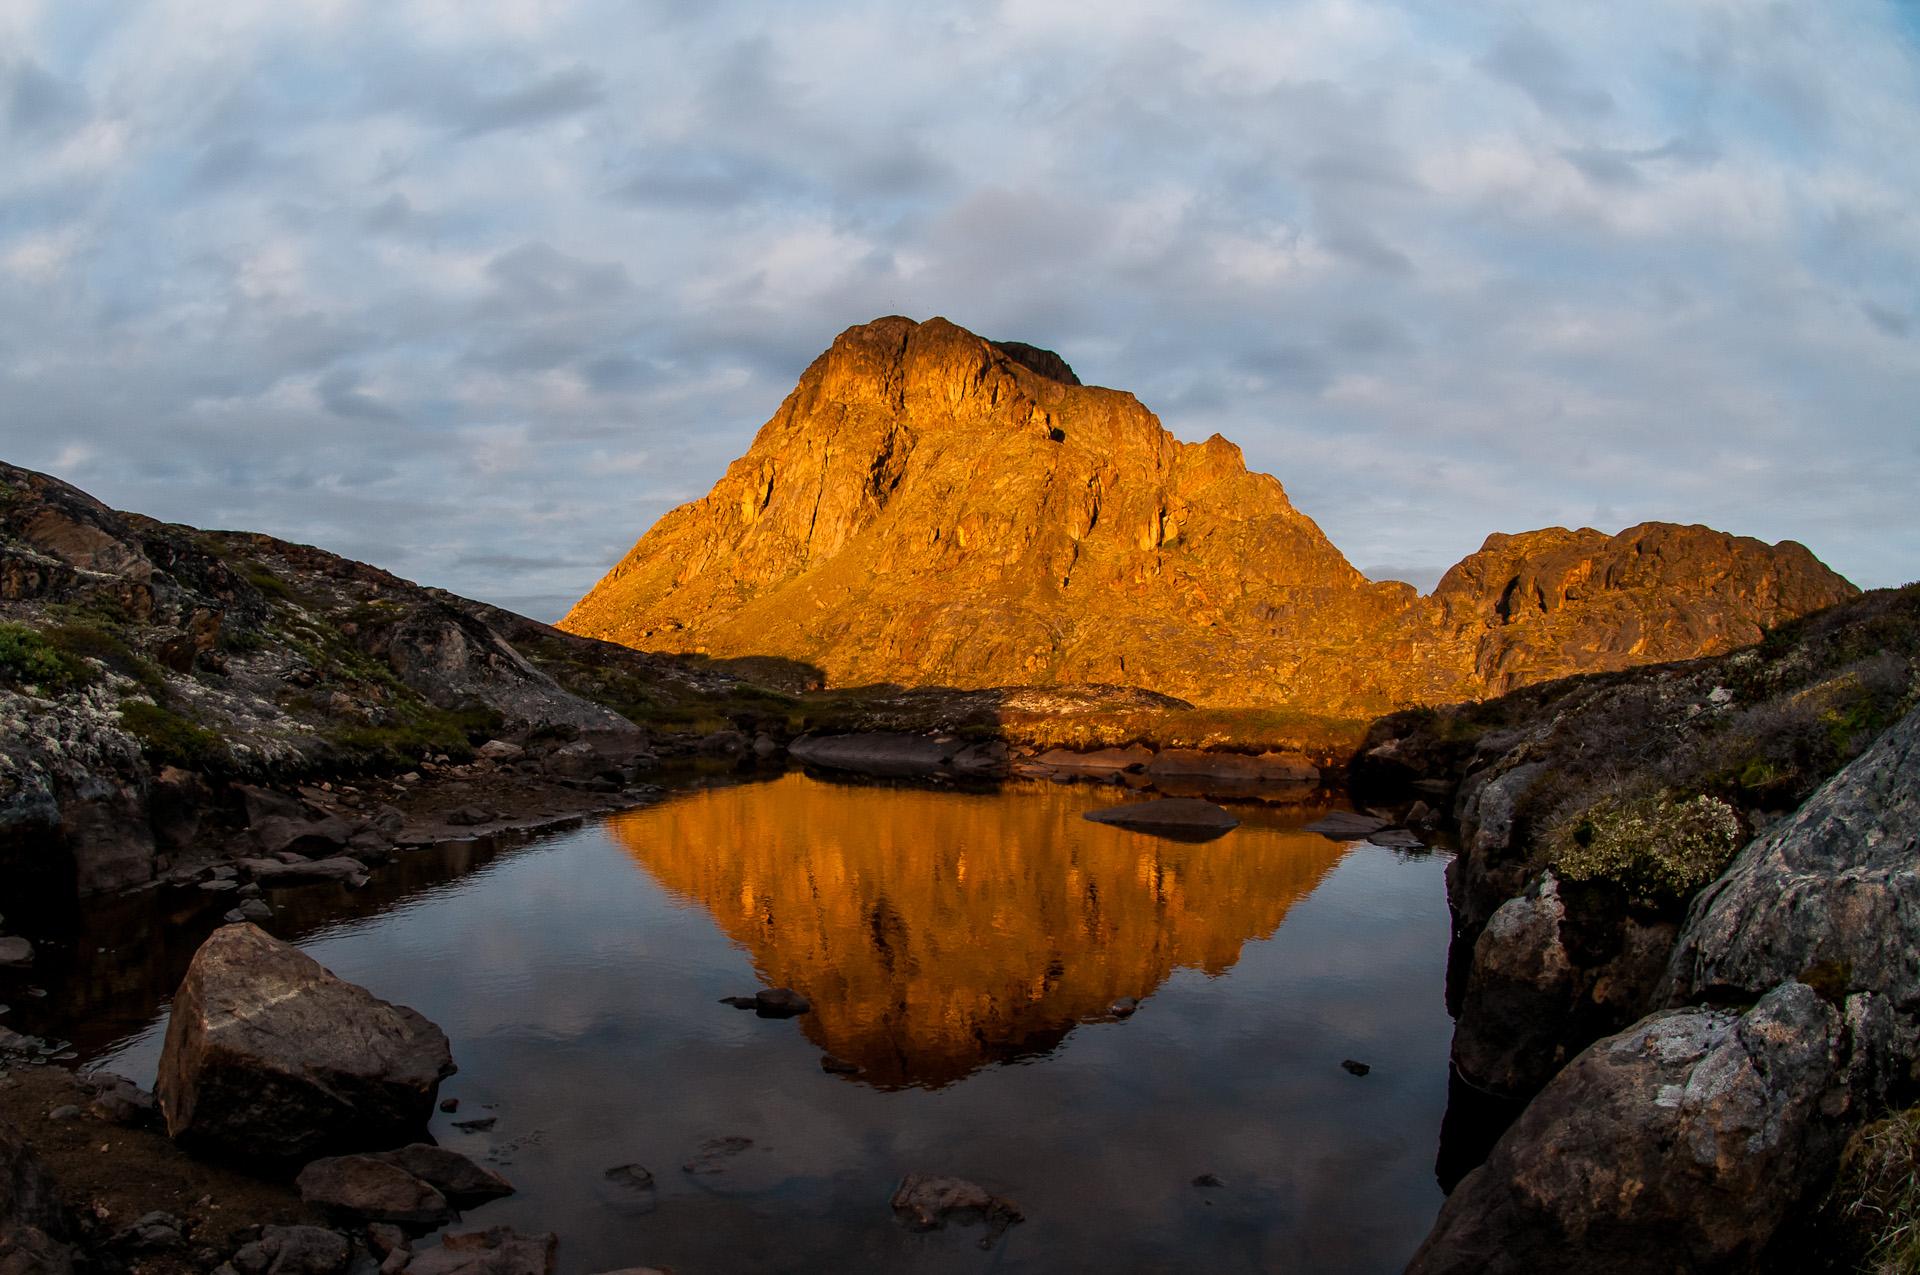 H ned první večer v divočině nás odměnil několikaminutovou světelnou show v okolí hory Nasaasaaq (784 m) u přímořského Sisimiutu.